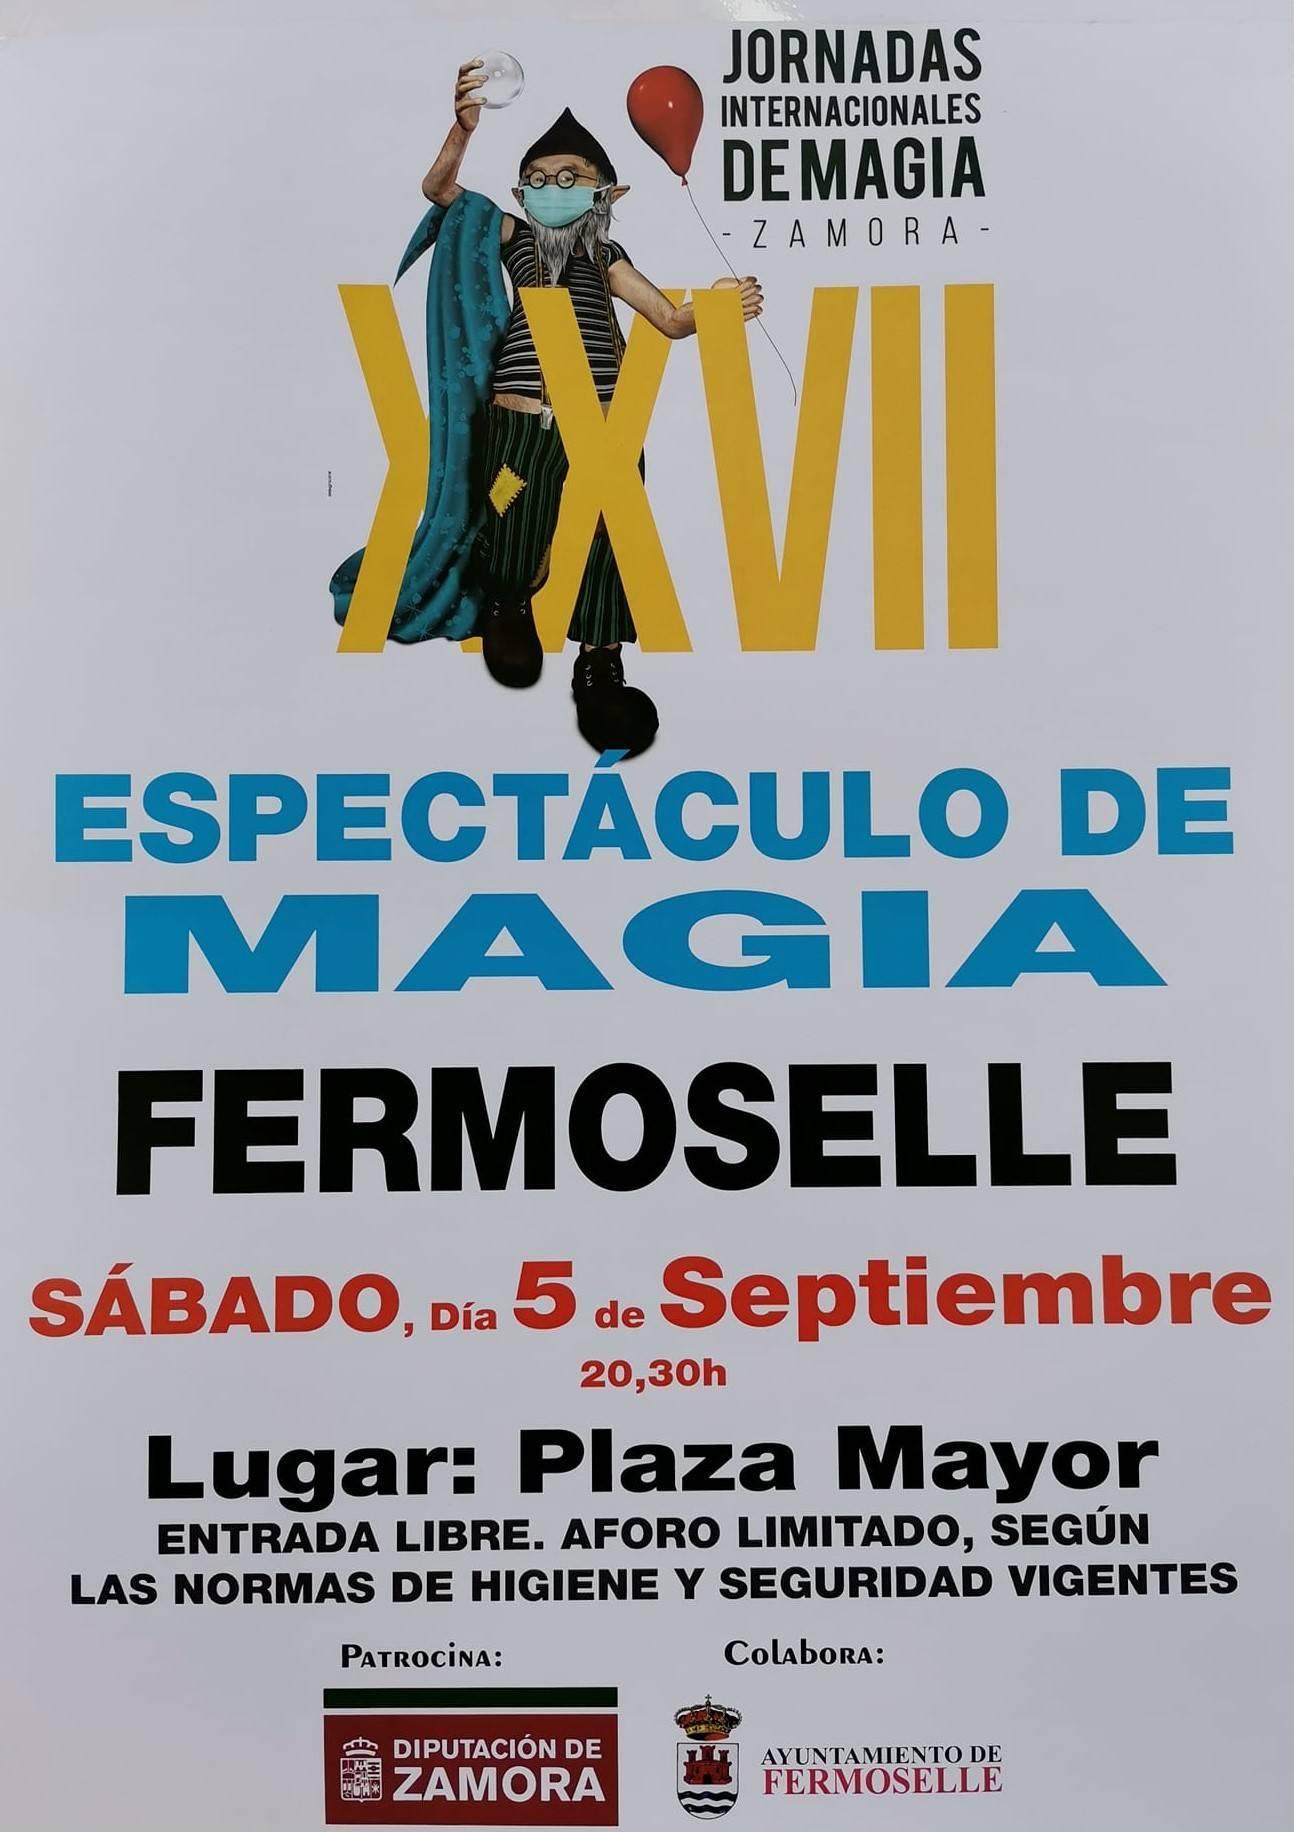 XXVII espectáculo de magia - Fermoselle (Zamora)